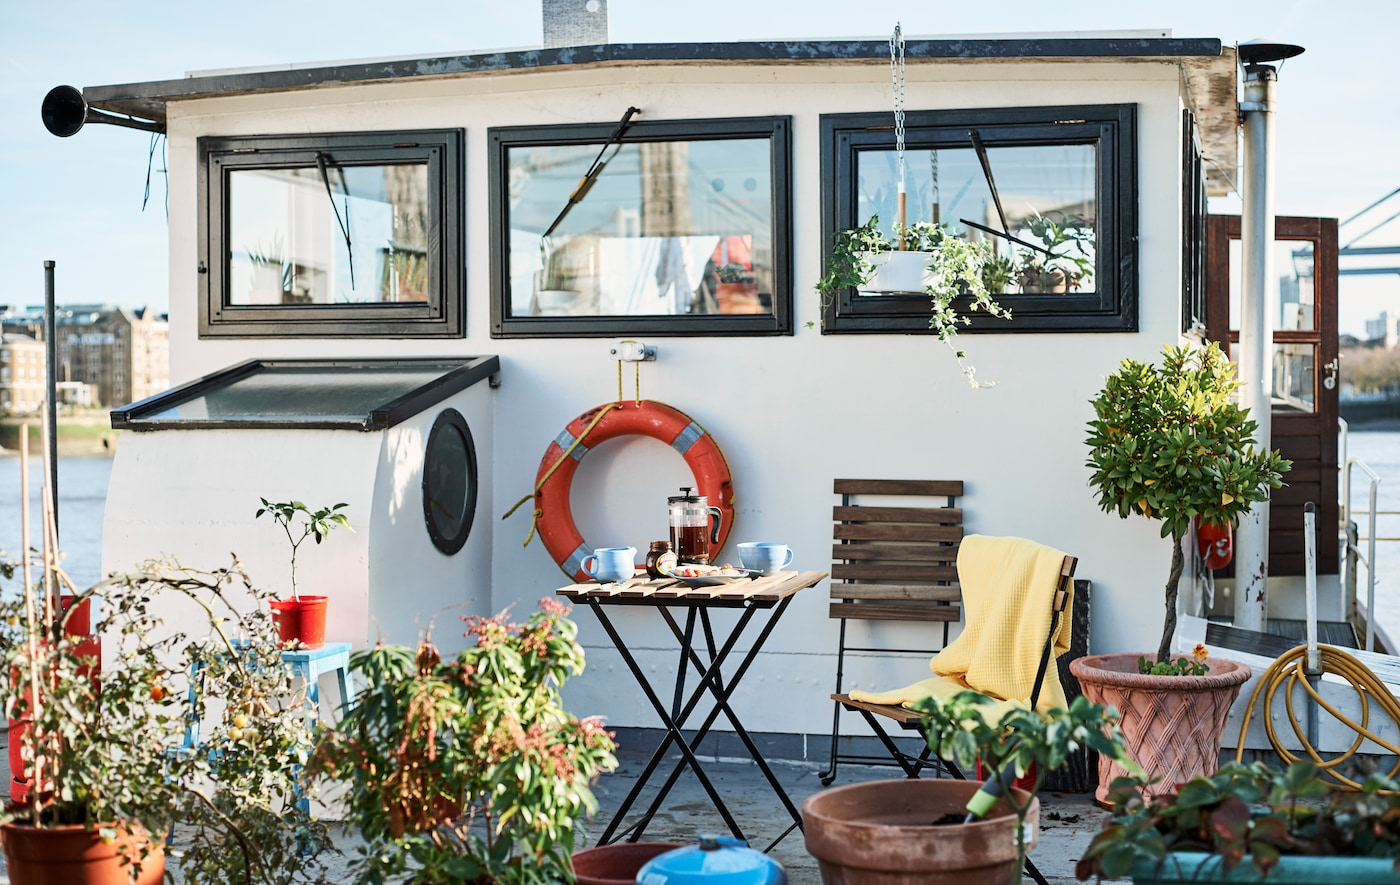 Una house boat con piante da esterno e due sedie sul ponte - IKEA